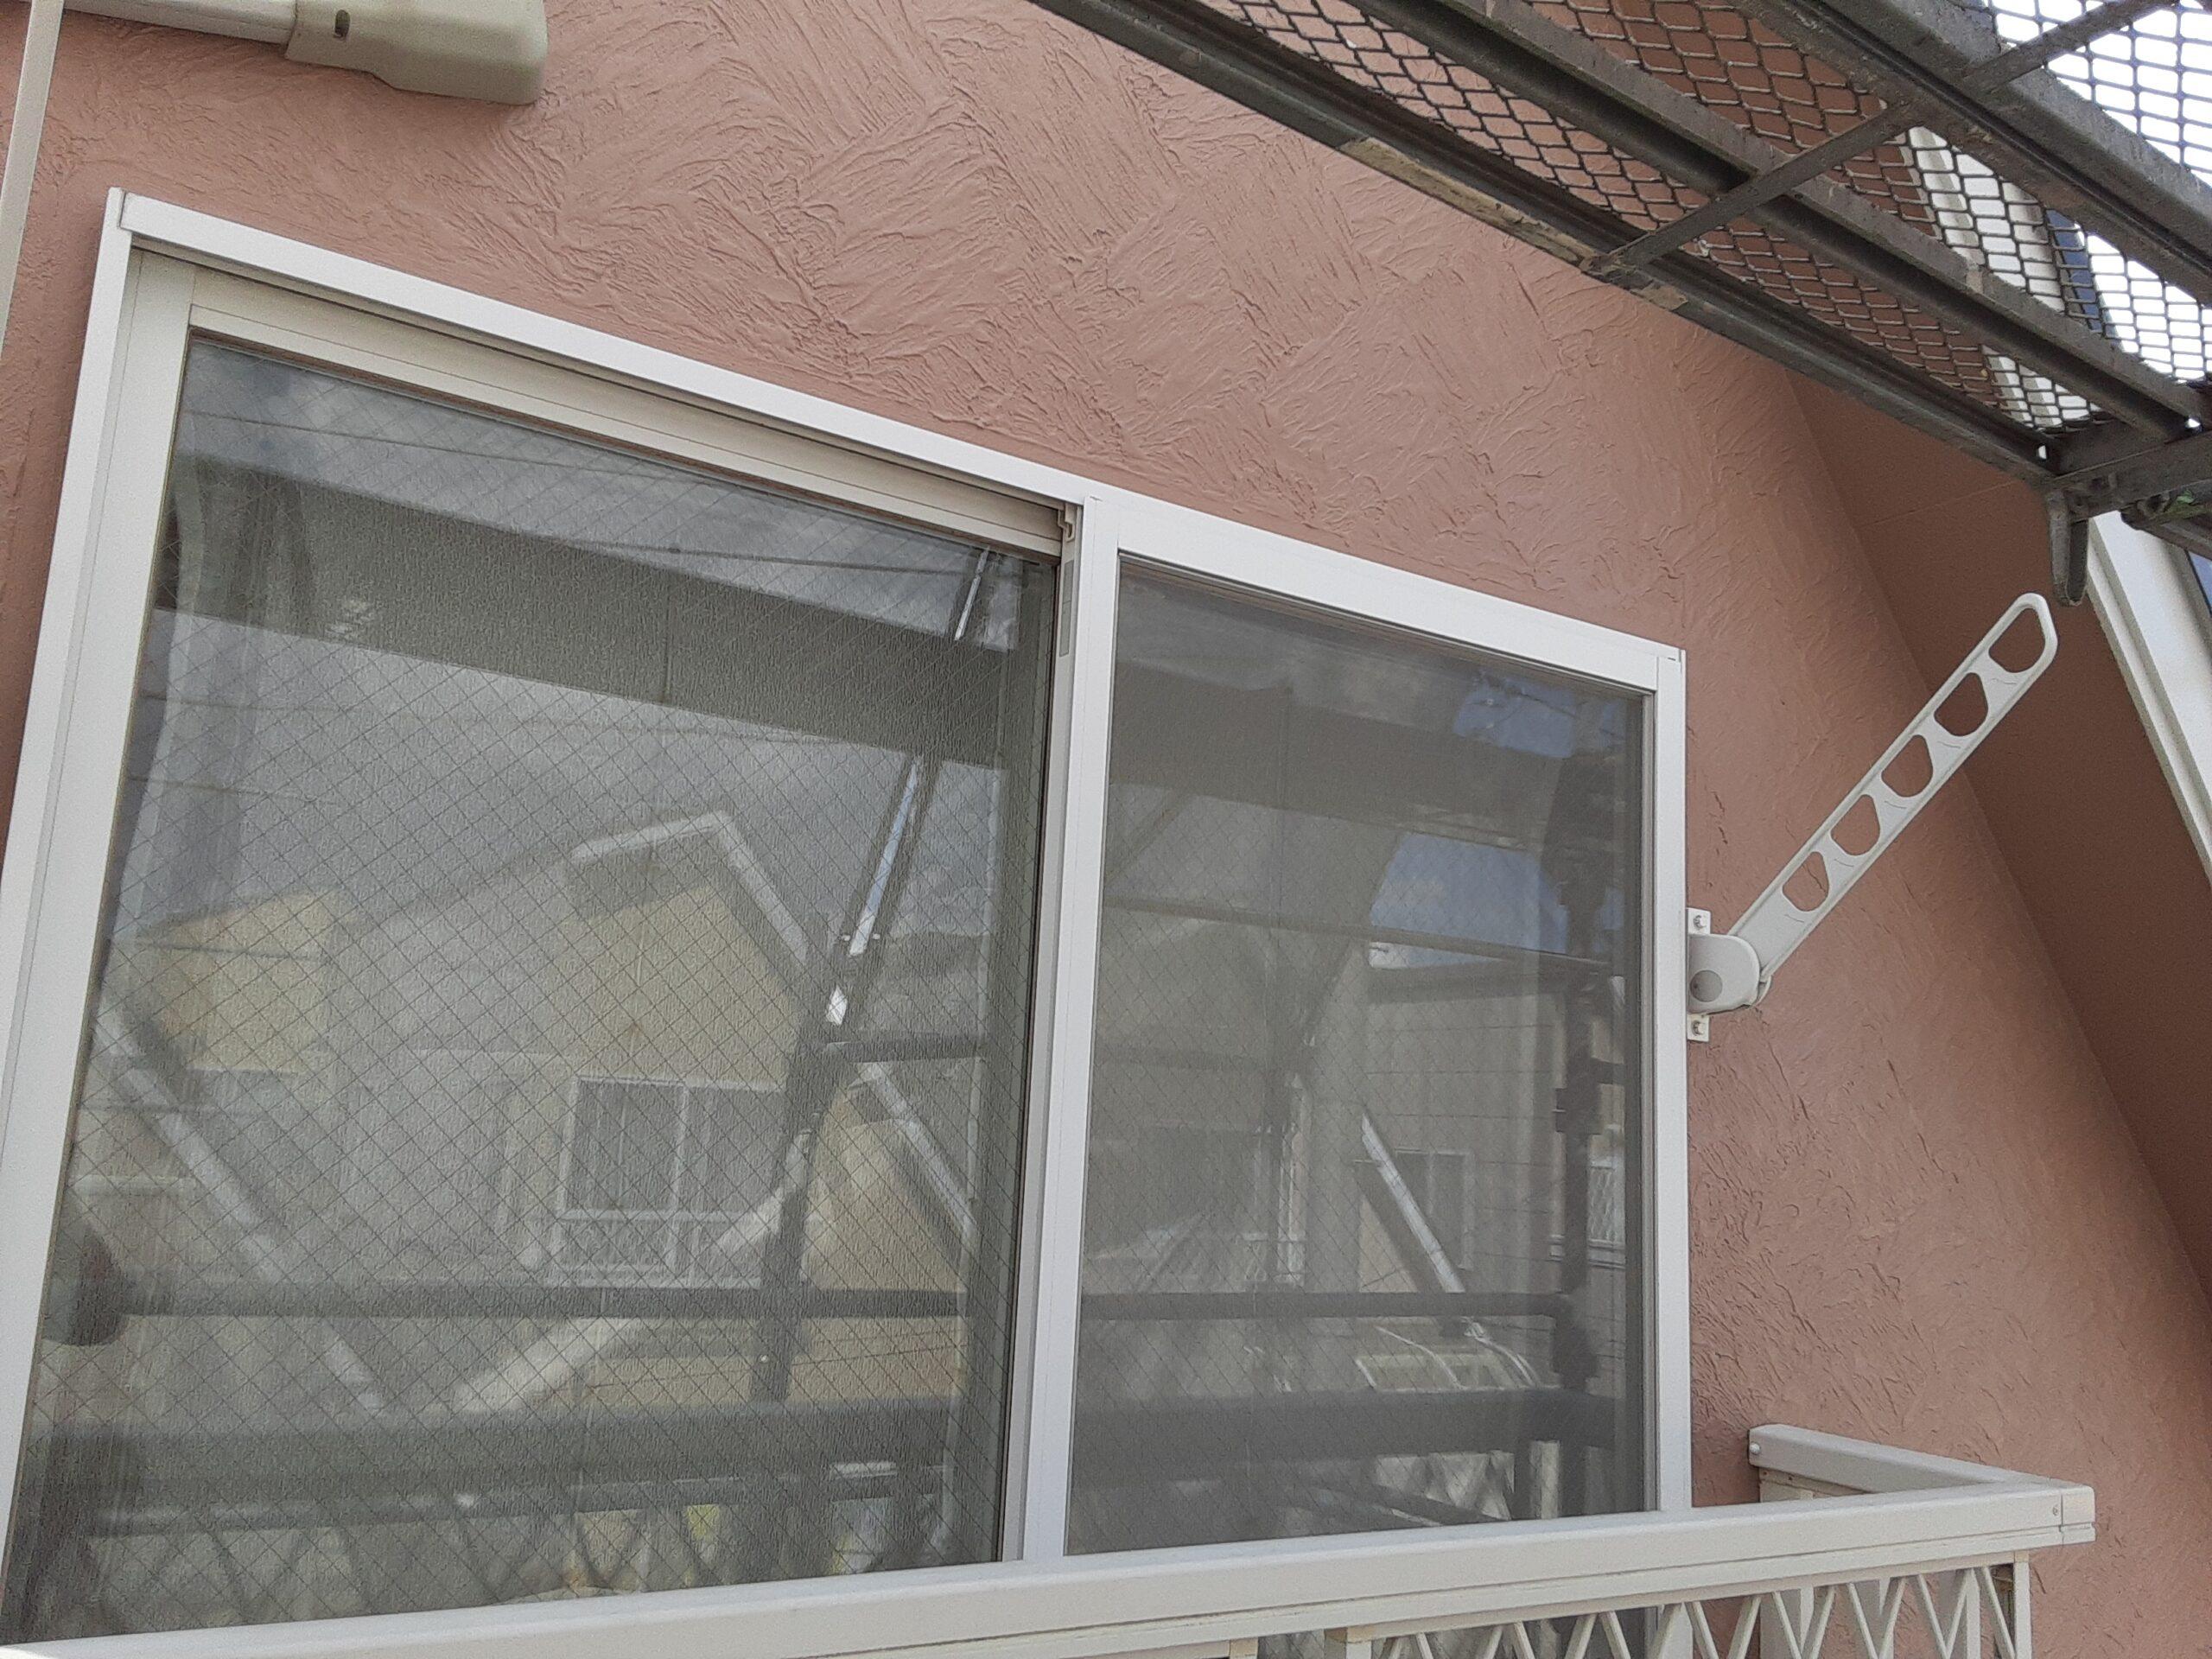 埼玉県さいたま市桜区の(木造3階建て)W様邸にて外壁の仕上げ塗装